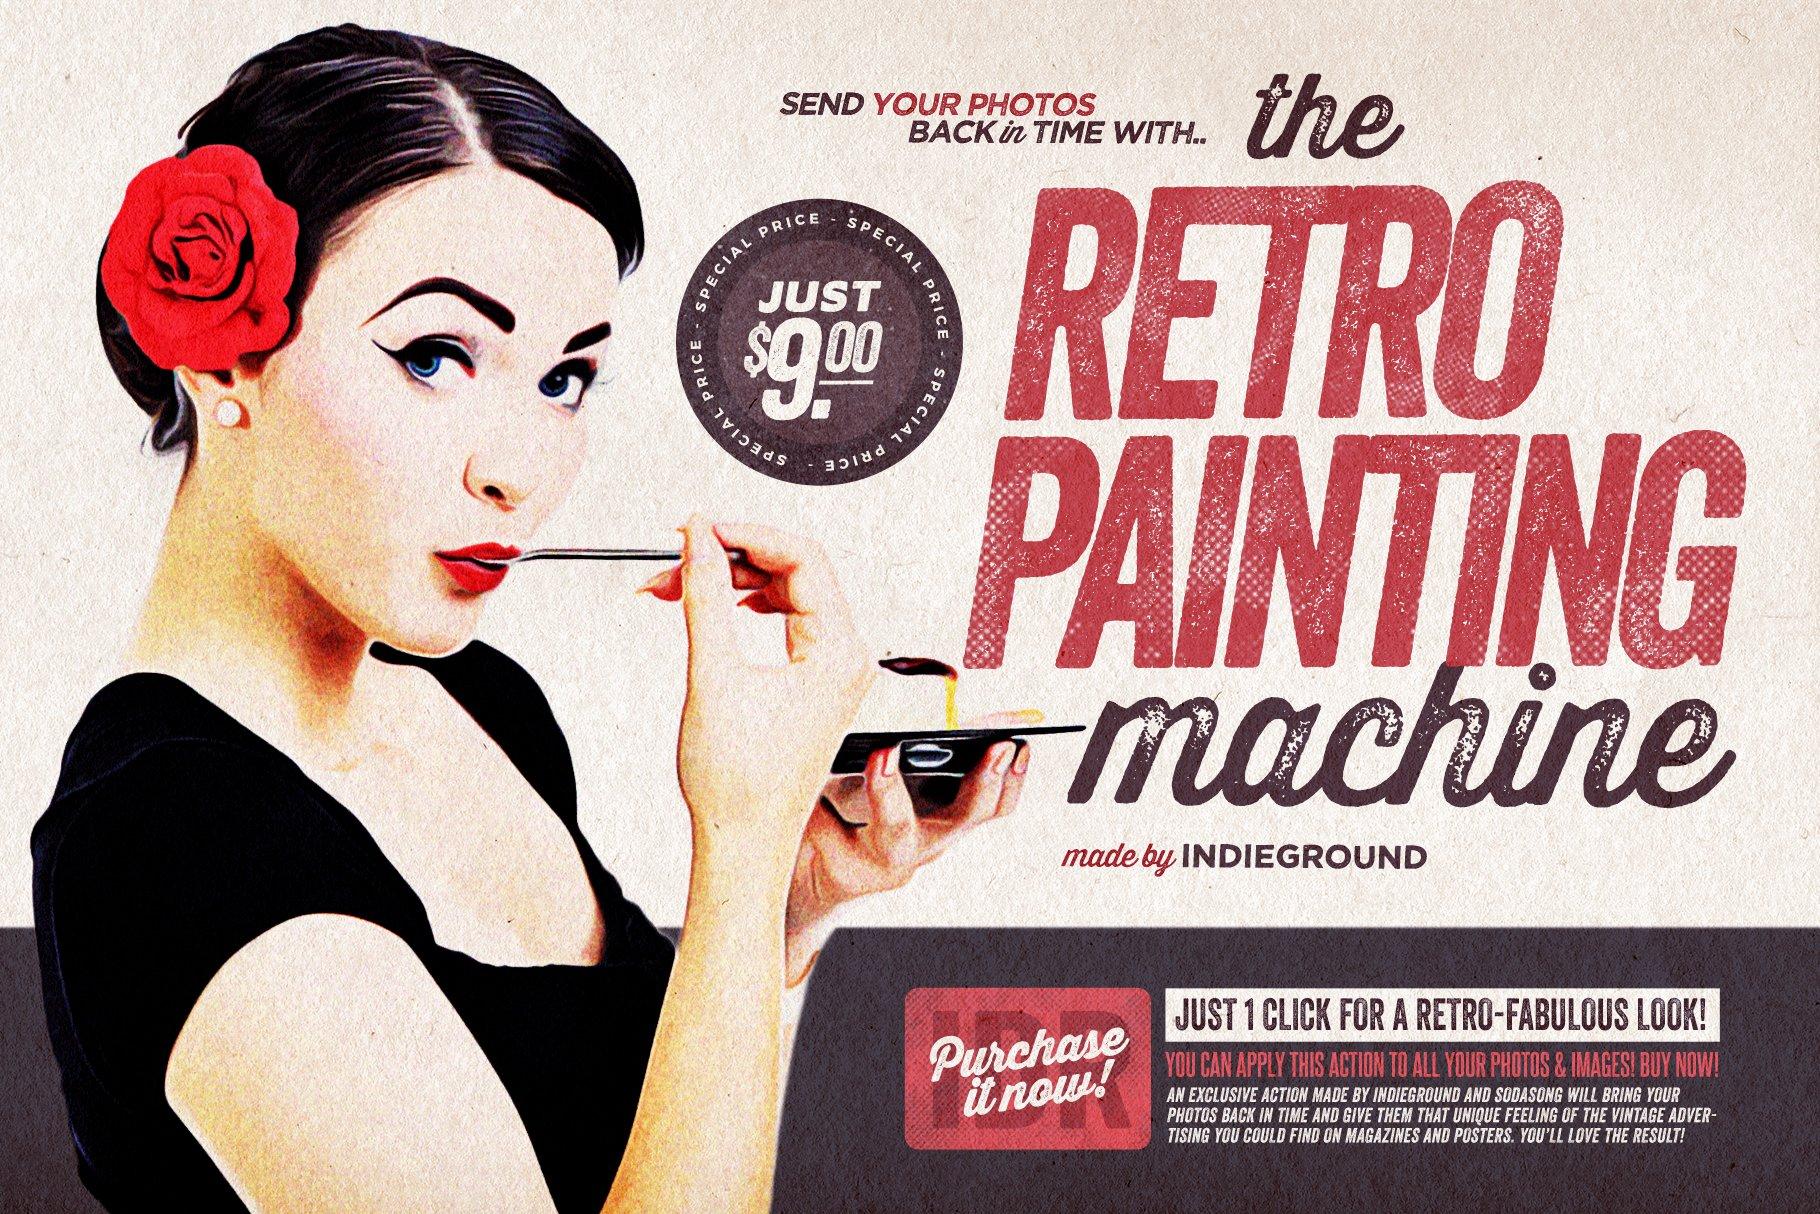 复古做旧风格广告海报杂志图片处理PS动作模板素材 The Retro-Painting Machine插图